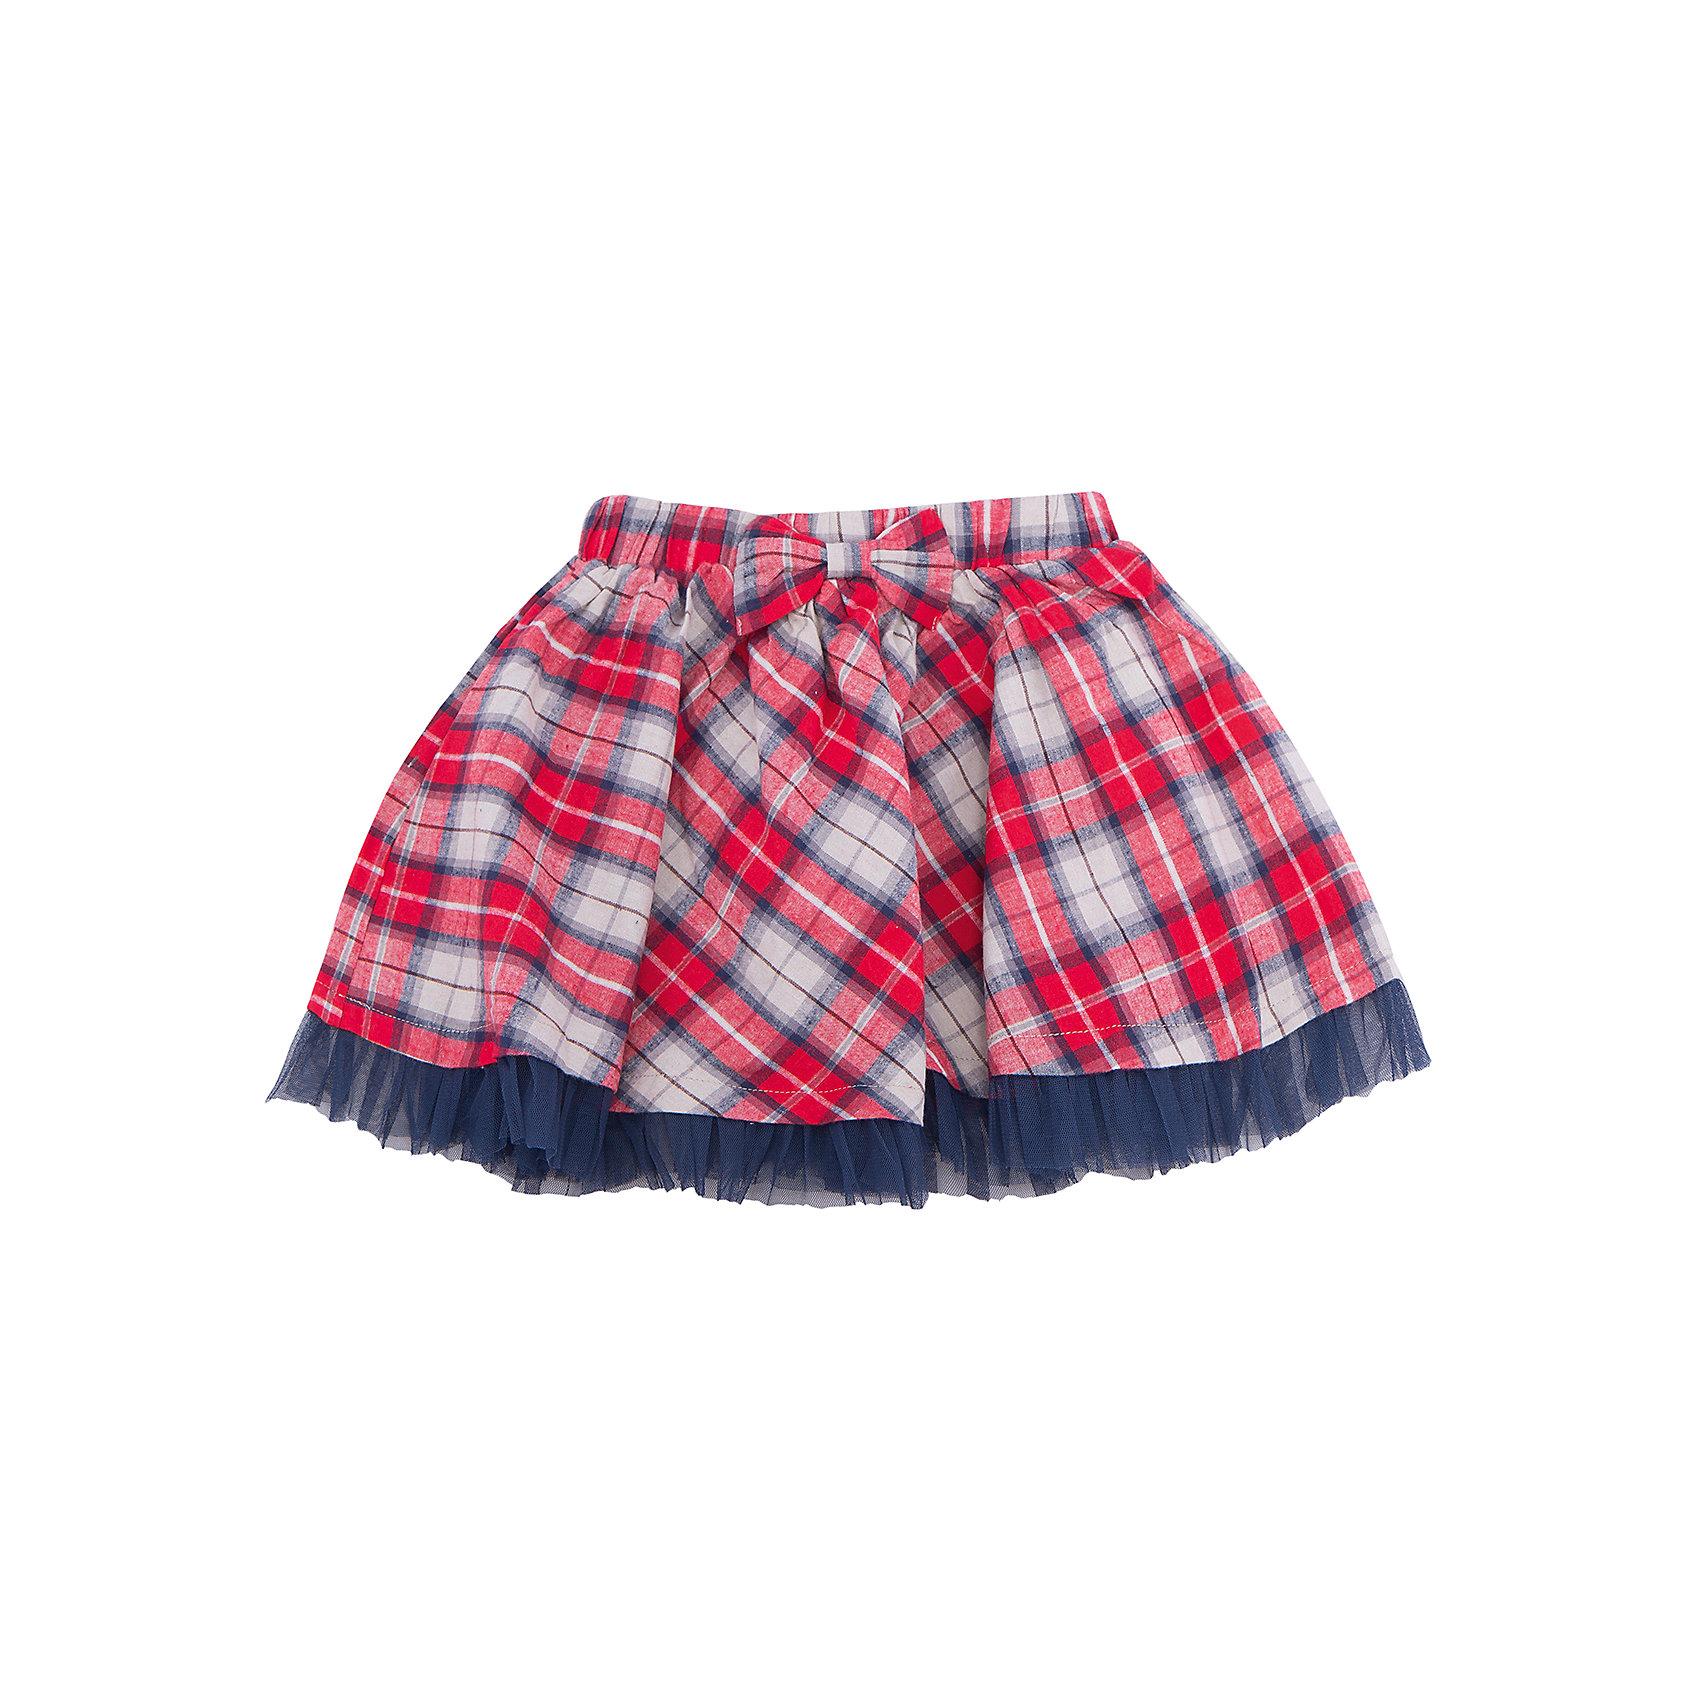 Юбка для девочки Sweet BerryЮбки<br>Эта юбка отличается модным дизайном с нижней юбкой из сетки.. Удачный крой обеспечит ребенку комфорт и тепло. Плотный материал делает вещь идеальной для разной погоды. Она хорошо прилегает к телу там, где нужно, и отлично сидит на ребенке. Натуральный хлопок обеспечит коже возможность дышать и не вызовет аллергии. На поясе юбки - симпатичный бант.<br>Одежда от бренда Sweet Berry - это простой и выгодный способ одеть ребенка удобно и стильно. Всё изделия тщательно проработаны: швы - прочные, материал - качественный, фурнитура - подобранная специально для детей.<br><br>Дополнительная информация:<br><br>цвет: клетка;<br>состав: верх - 100% хлопок, низ - 100% полиэстер;<br>на поясе - бант.<br><br>Юбку для девочки от бренда Sweet Berry можно купить в нашем интернет-магазине.<br><br>Ширина мм: 207<br>Глубина мм: 10<br>Высота мм: 189<br>Вес г: 183<br>Цвет: красный<br>Возраст от месяцев: 24<br>Возраст до месяцев: 36<br>Пол: Женский<br>Возраст: Детский<br>Размер: 98,104,110,116,122,128<br>SKU: 4931504